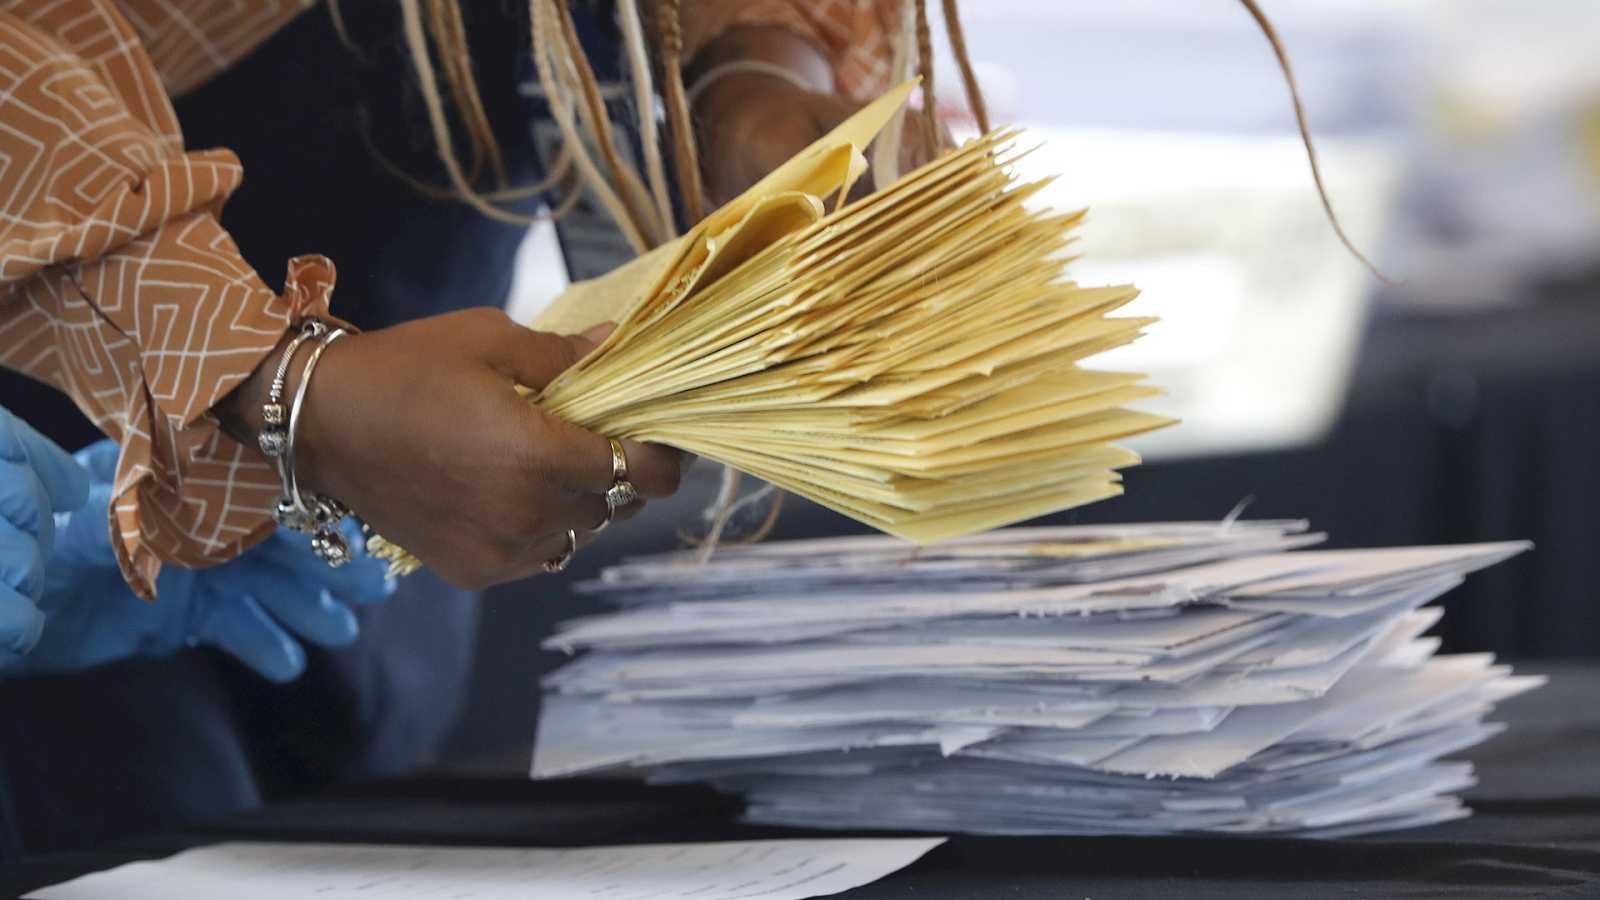 Parlamento - Radio 5 - ¿Cuáles son las diferencias entre el sistema electoral español y el estadounidense? - Escuchar ahora